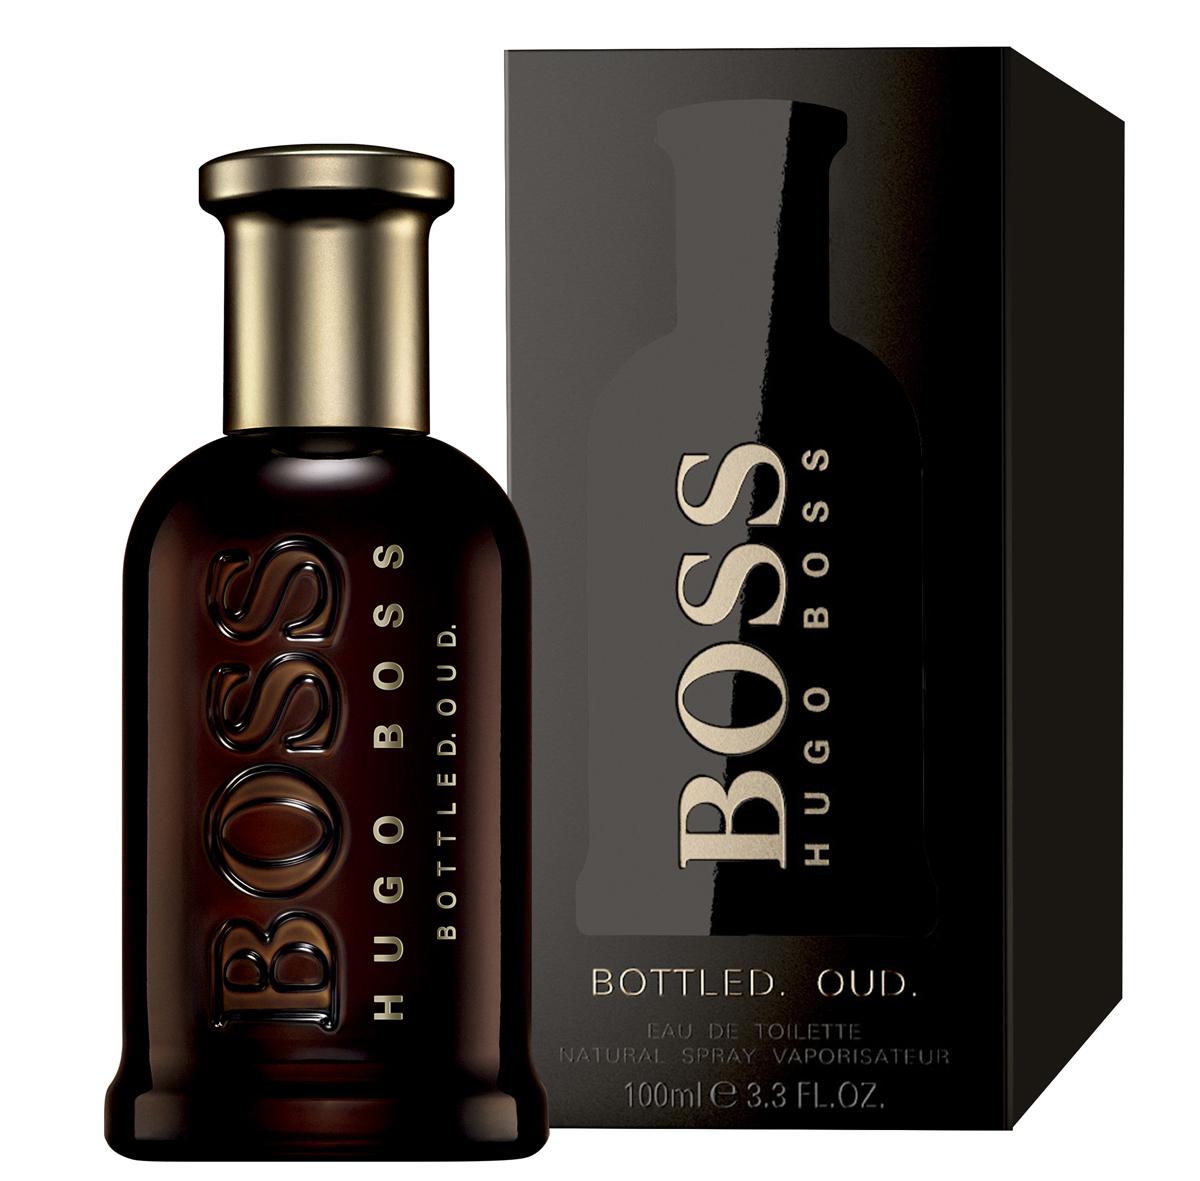 Hugo Boss Bottled Oud Парфюмерная вода мужская 100 мл6Boss Bottled Oud – глубокий, густой, обволакивающий и мистический по своему звучанию мужской восточно-древесный парфюм с бархатистыми пряными акцентами, выпущенный в 2015 году немецким модным брендом Hugo Boss. Аромат является своеобразным подарком всем любителем аромата уда. Считающийся священным на Востоке, уд последнее время начал свое победное шествие и в западной парфюмерии. Однако очень густой, дымно-сладкий аромат, столь популярный на Востоке непривычен для европейцев. Поэтому парфюмерам приходится облегчать его с помощью других ароматических ингредиентов, заставляя звучать более легко и непринужденно, как это принято в европейских парфюмерных традициях. Таким вот ароматом, стоящим одновременно на восточных и европейских традициях, и стал новый парфюм от Хьюго Босс. В нем сладковато-дымный, пряный уд буквально растворяется в бархатистых нотах корицы и горьковато-пряном шафране, будучи дополненным тонким древесно-сливочным аромата светлой древесины.